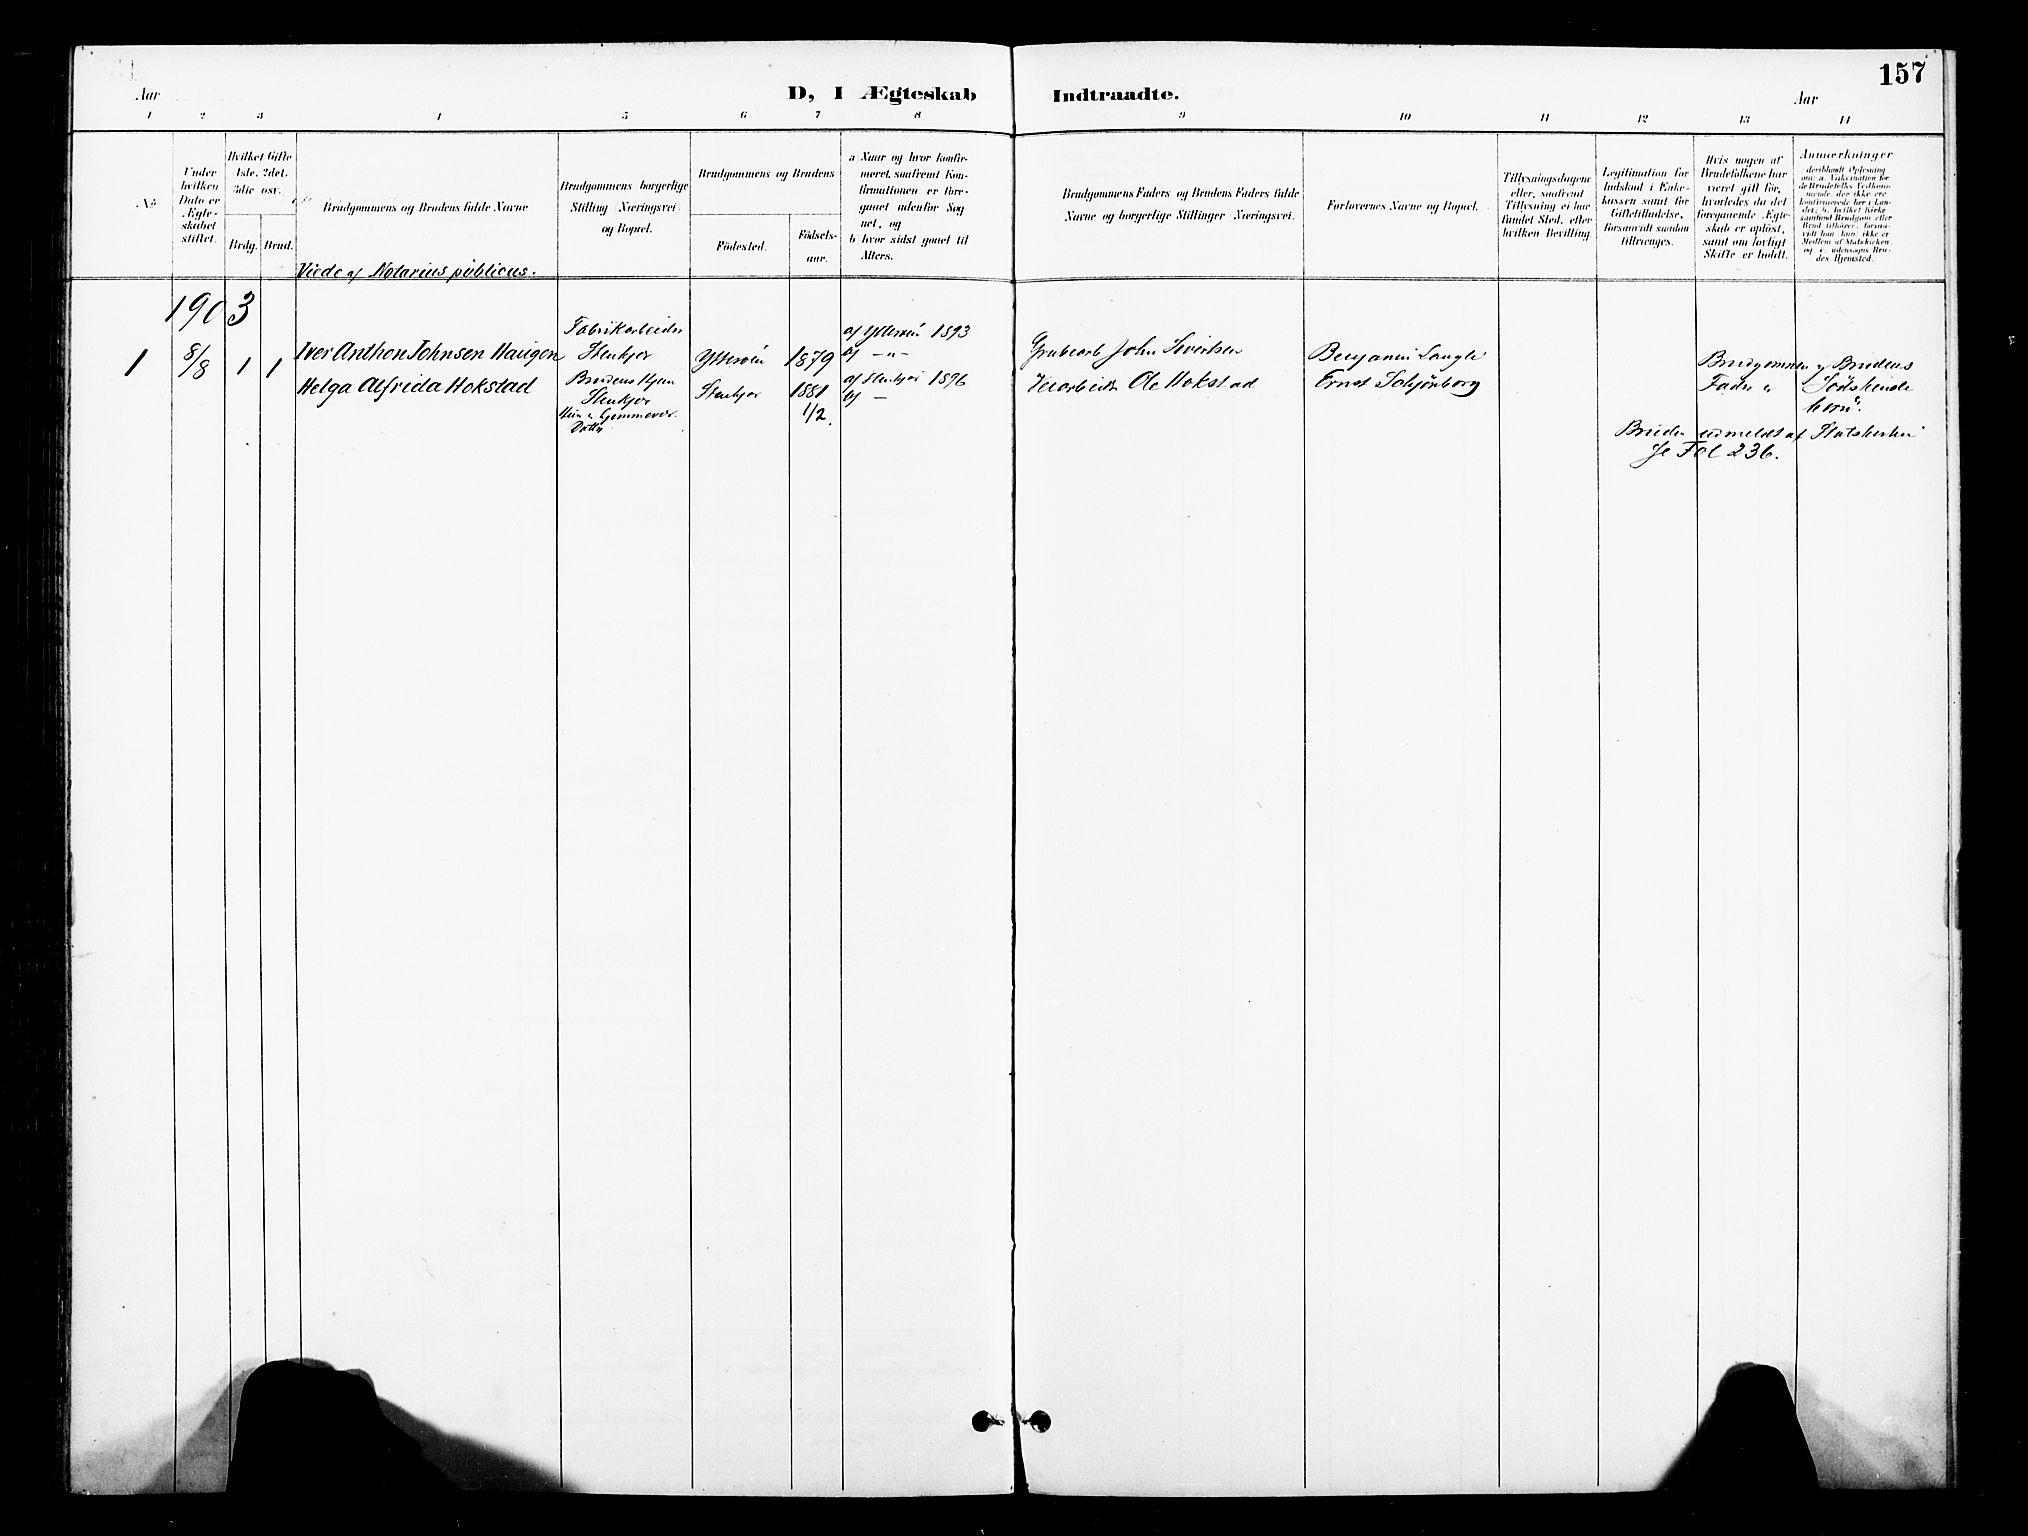 SAT, Ministerialprotokoller, klokkerbøker og fødselsregistre - Nord-Trøndelag, 739/L0372: Ministerialbok nr. 739A04, 1895-1903, s. 157